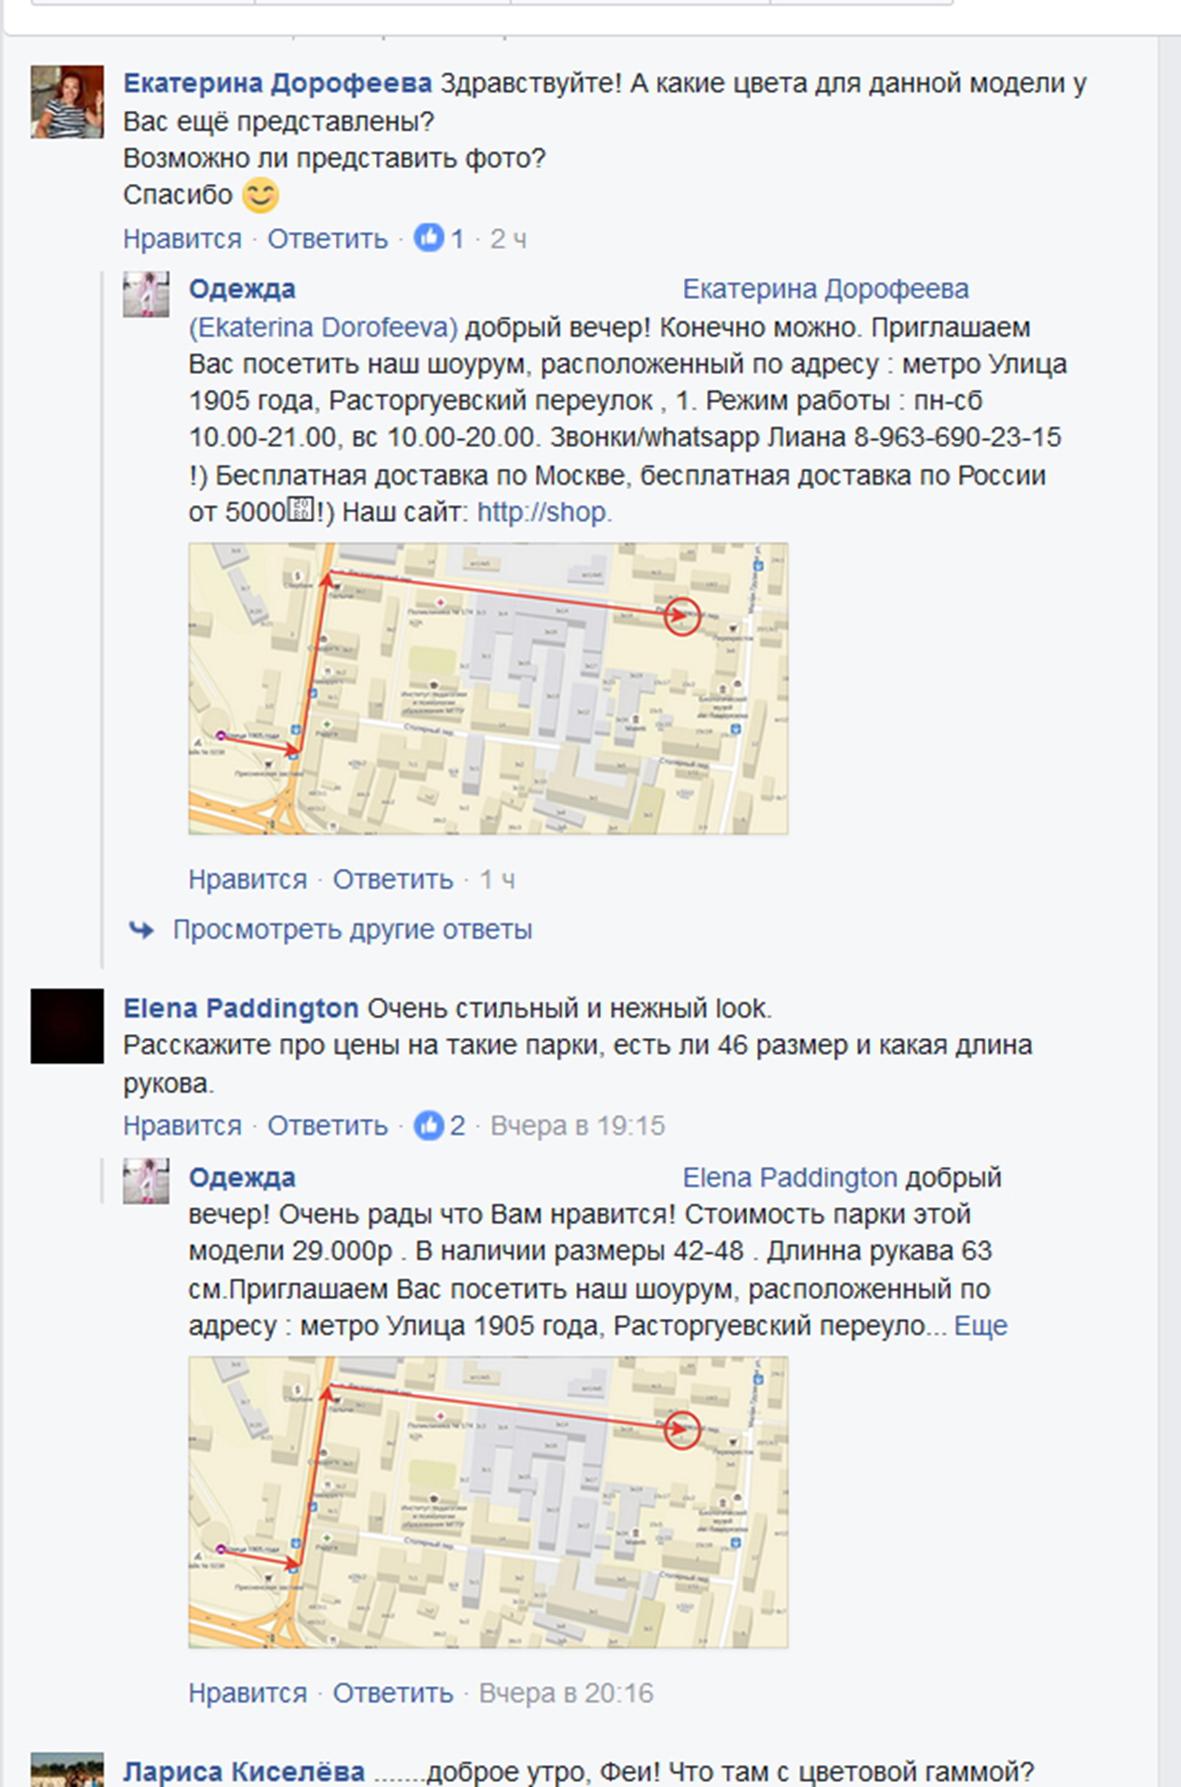 Список комментариев пользователей, где заинтересованные клиенты уточняют вопросы по товару, под публикацией на страничке в Фейсбук.